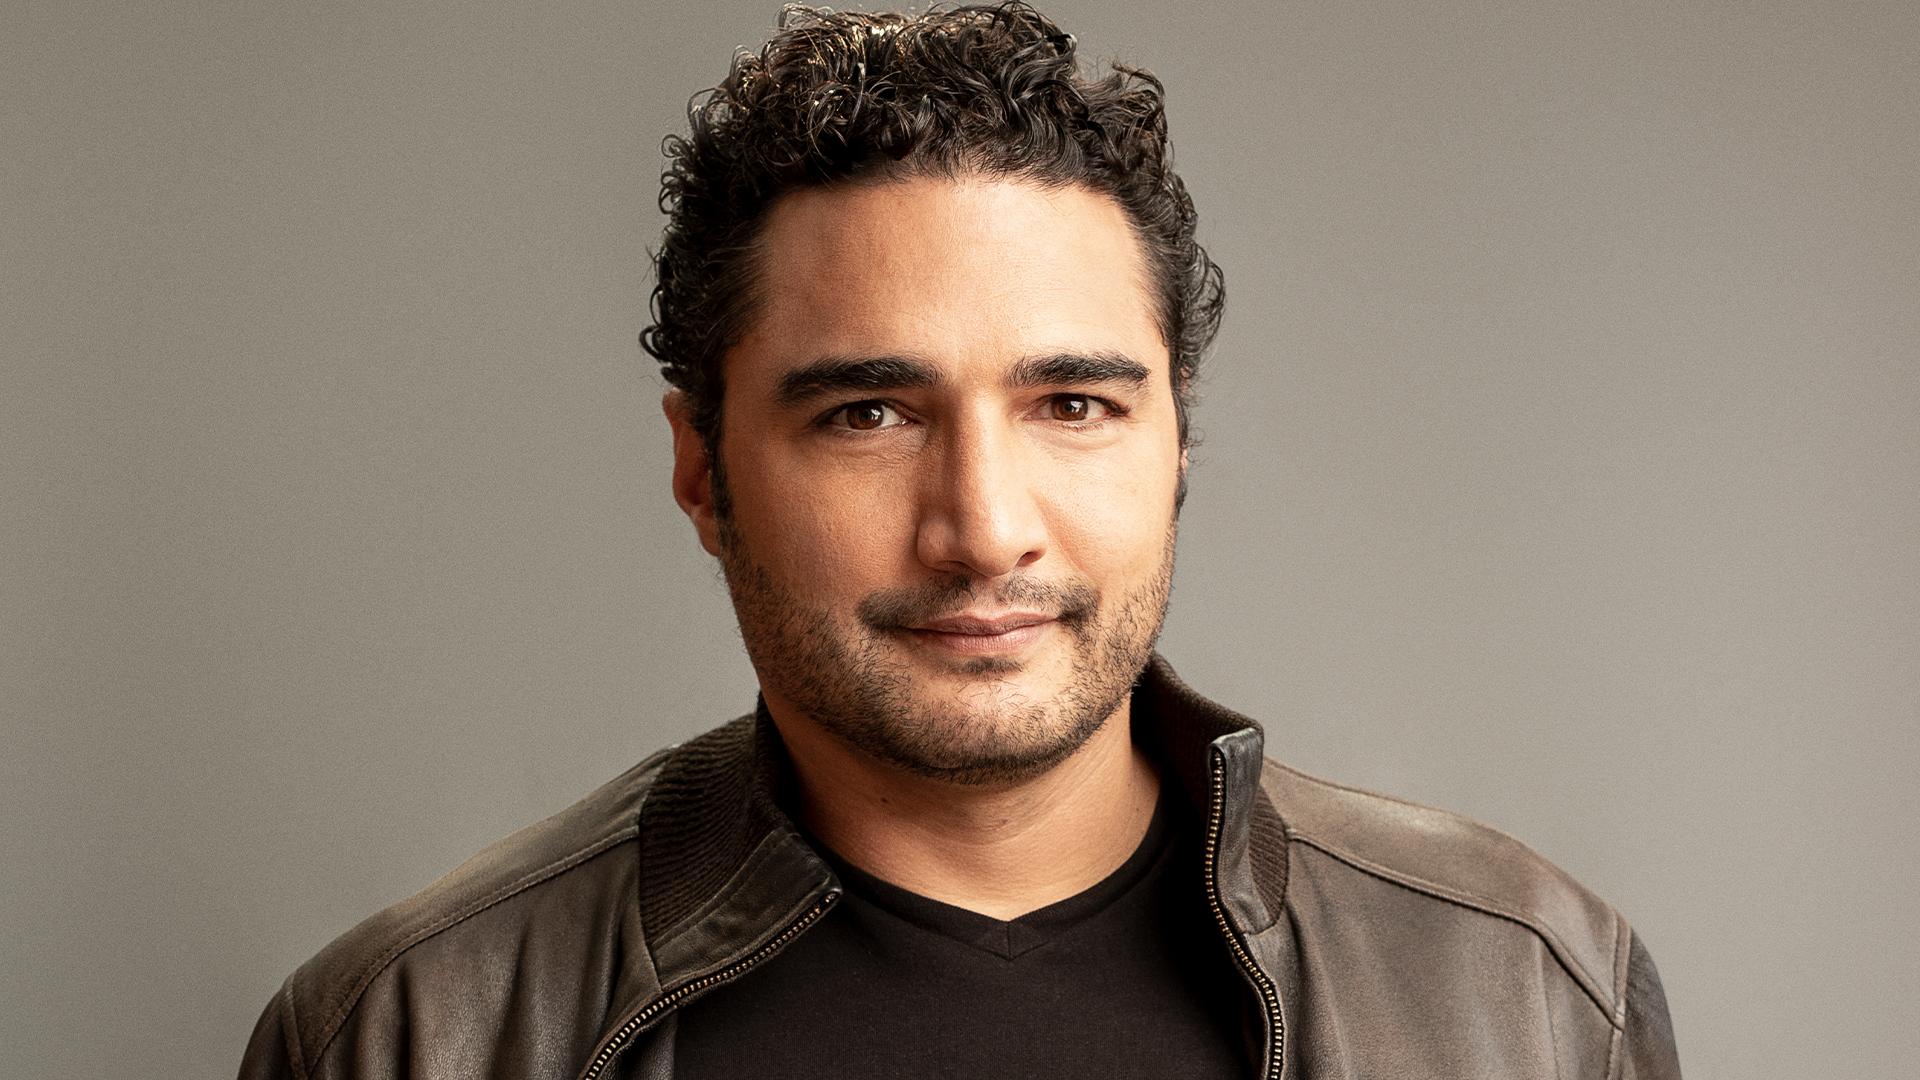 Dos 300 reais aos 300 milhões – conheça Romero Rodrigues, fundador do Buscapé